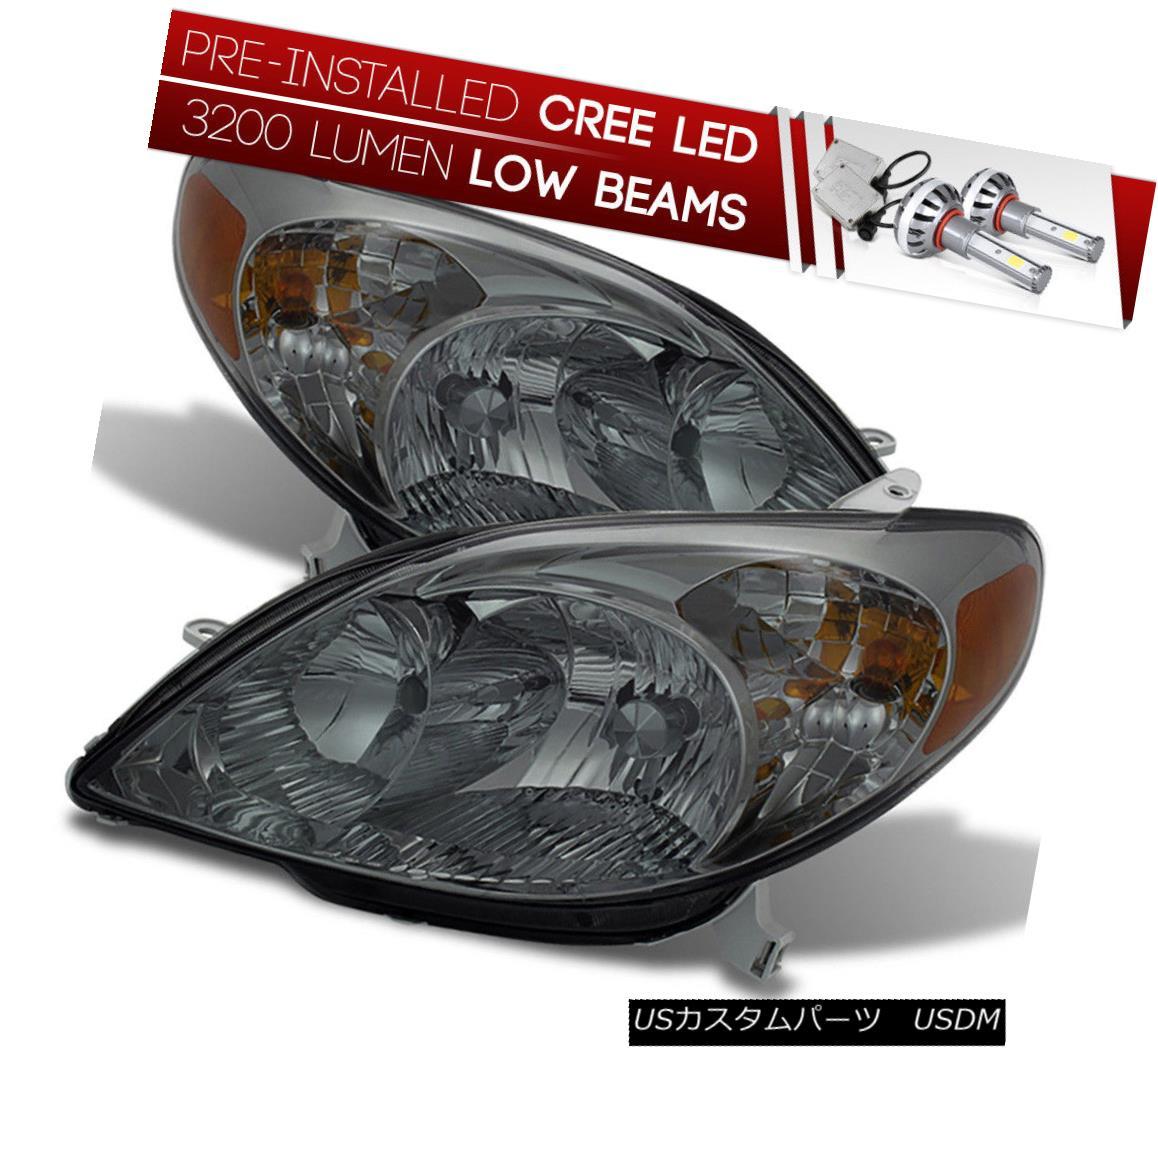 ヘッドライト [CREE LED Bulb Installed] 03-08 Toyota Matrix Smoked Replacement Headlight Lamp [CREE LED Bulb Installed] 03-08トヨタマトリックススモーク交換ヘッドランプ